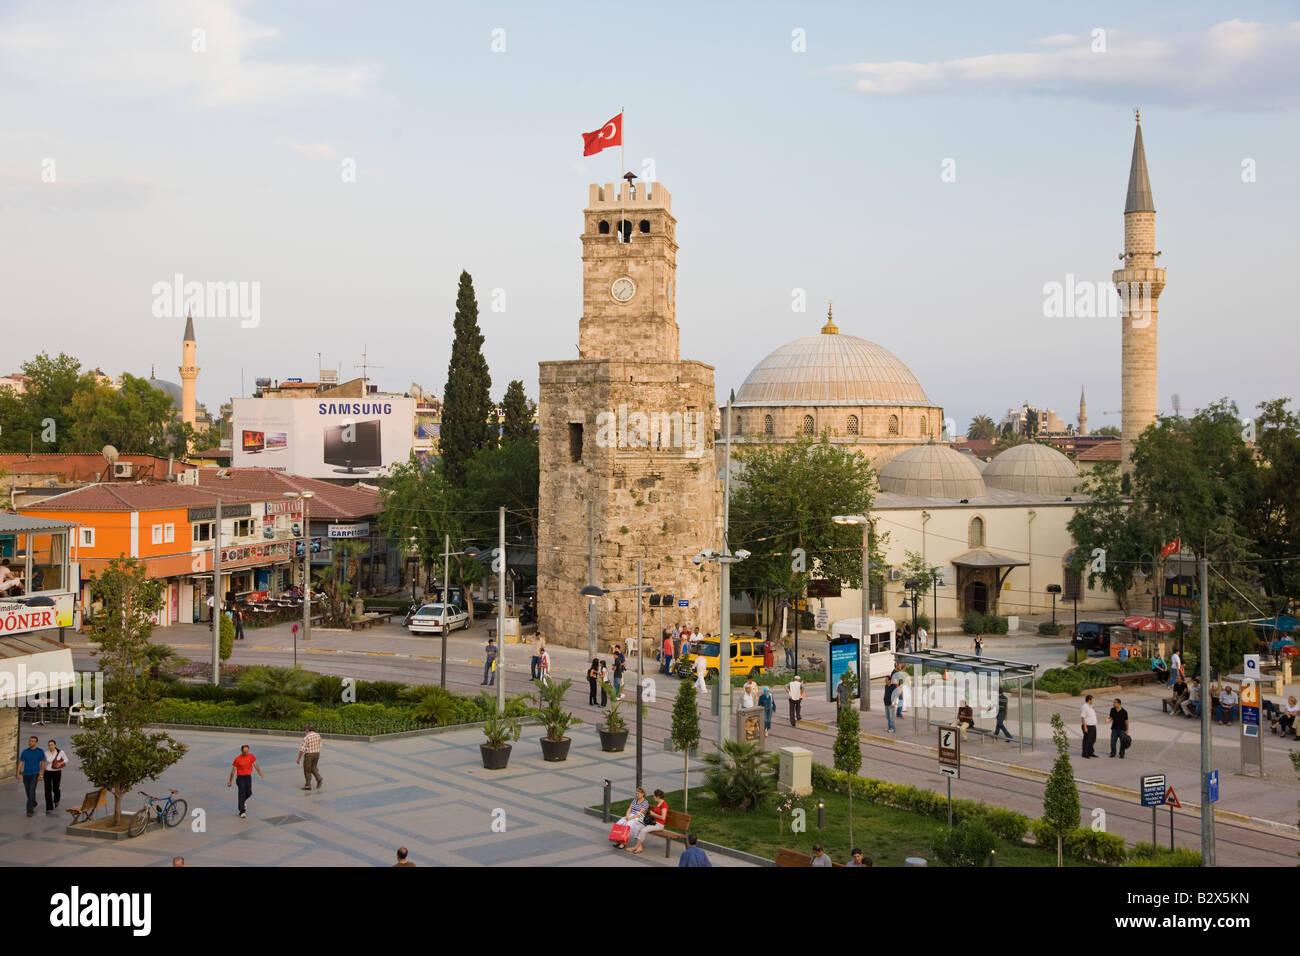 Clocktower Saat Kulesi and Tekeli Memet Pasa Mosque in the historic district of Kaleici, Antalya, Anatolia, Turkey, - Stock Image